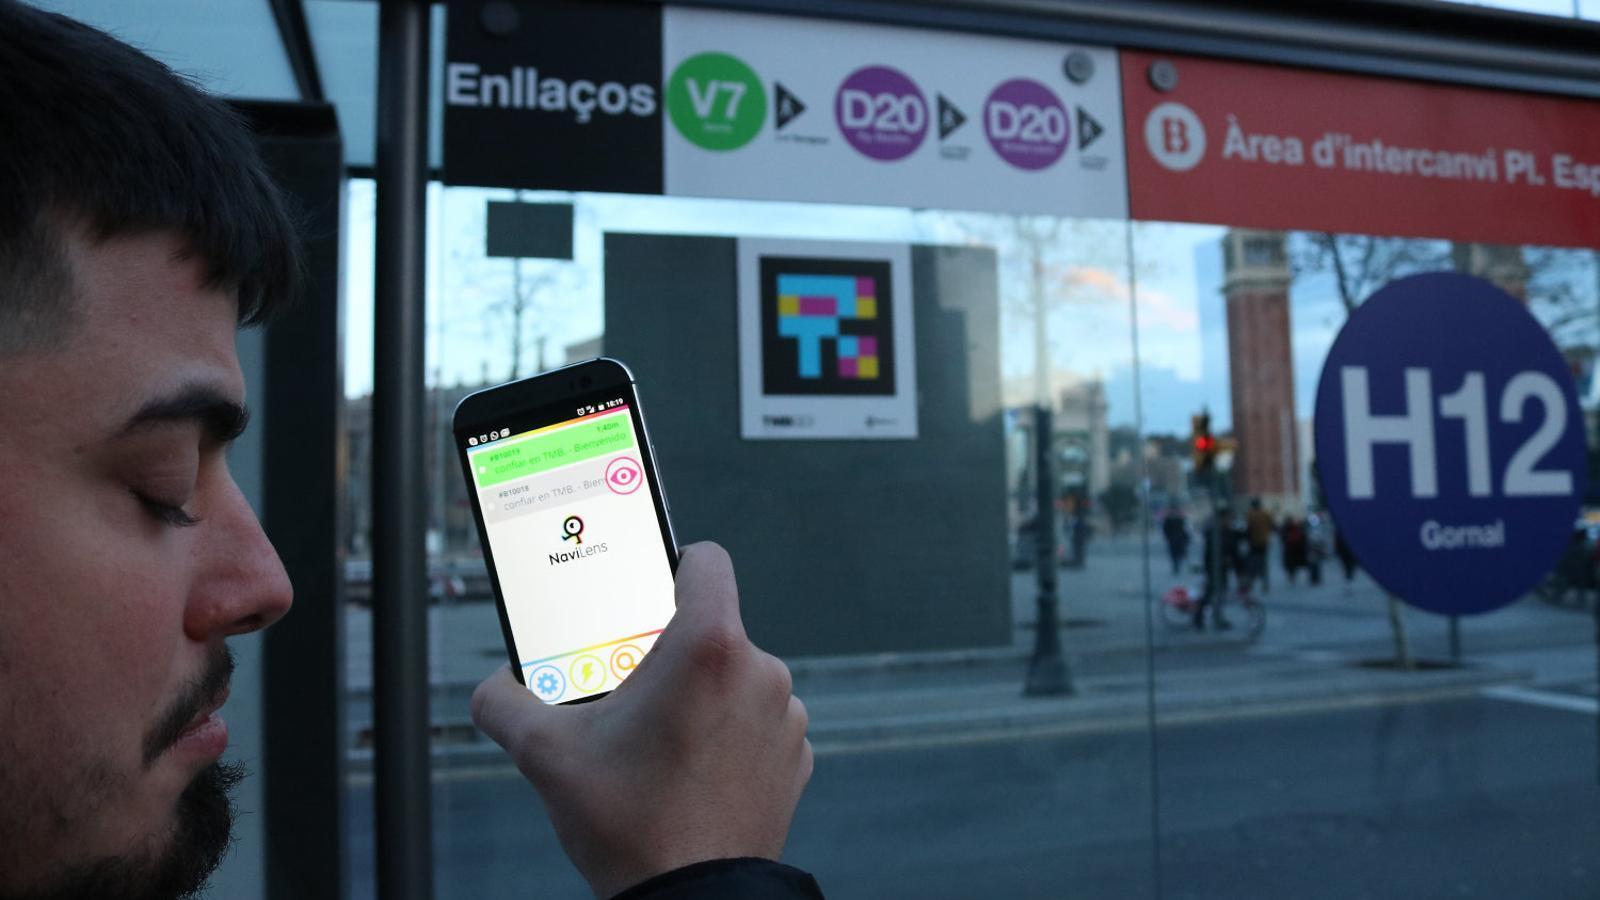 01. Un invident llegint el ddTag d'una parada d'autobús amb el telèfon mòbil. 02. Els beepcons ajuden els cecs a orientar-se.